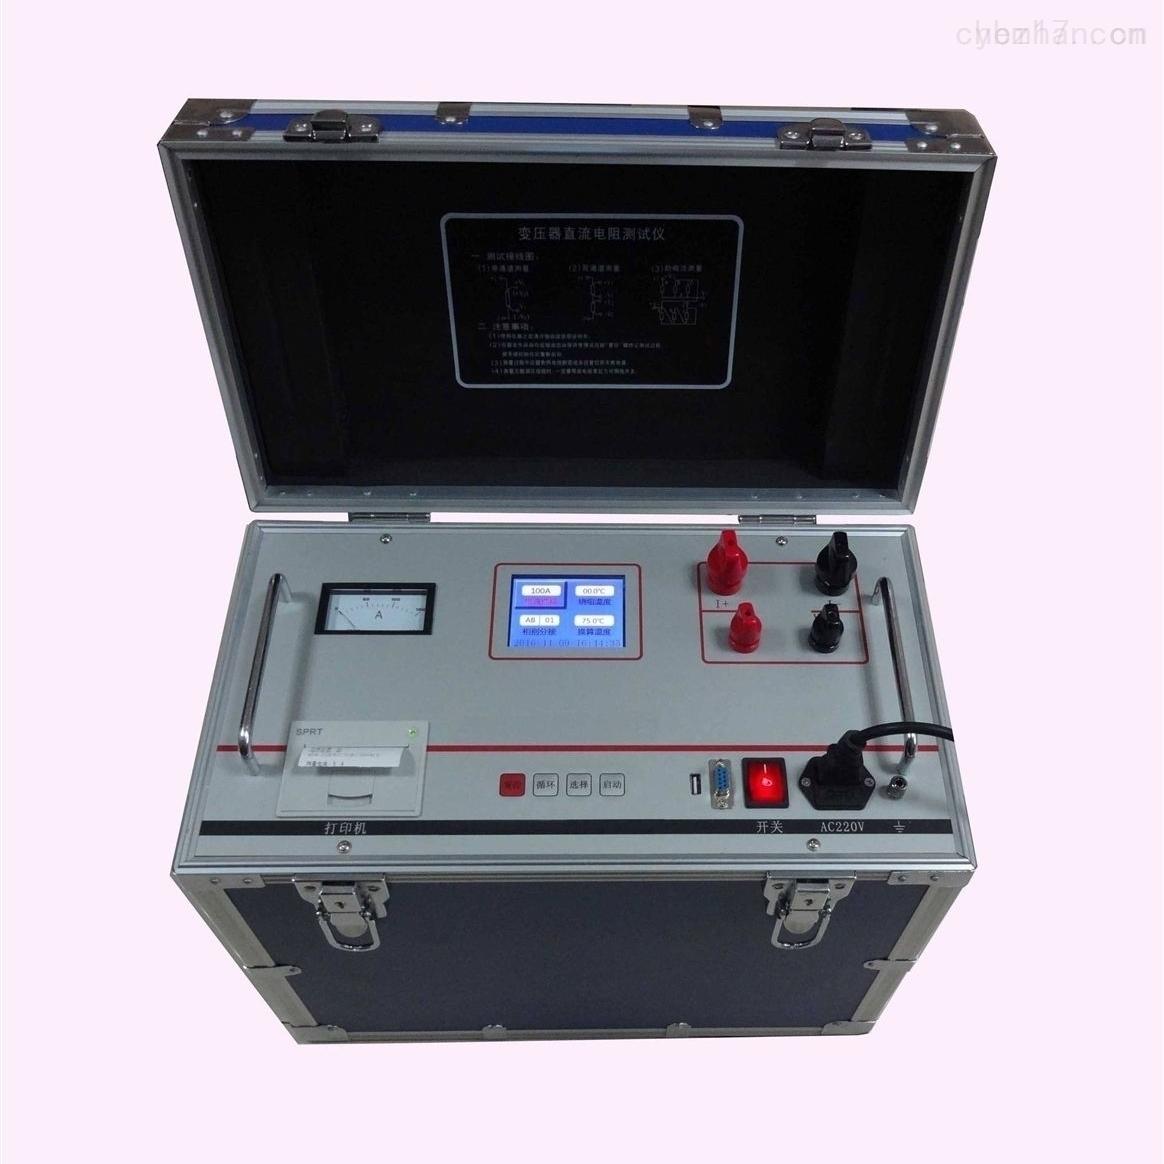 松原市承装修试三通道变压器直阻快速测试仪